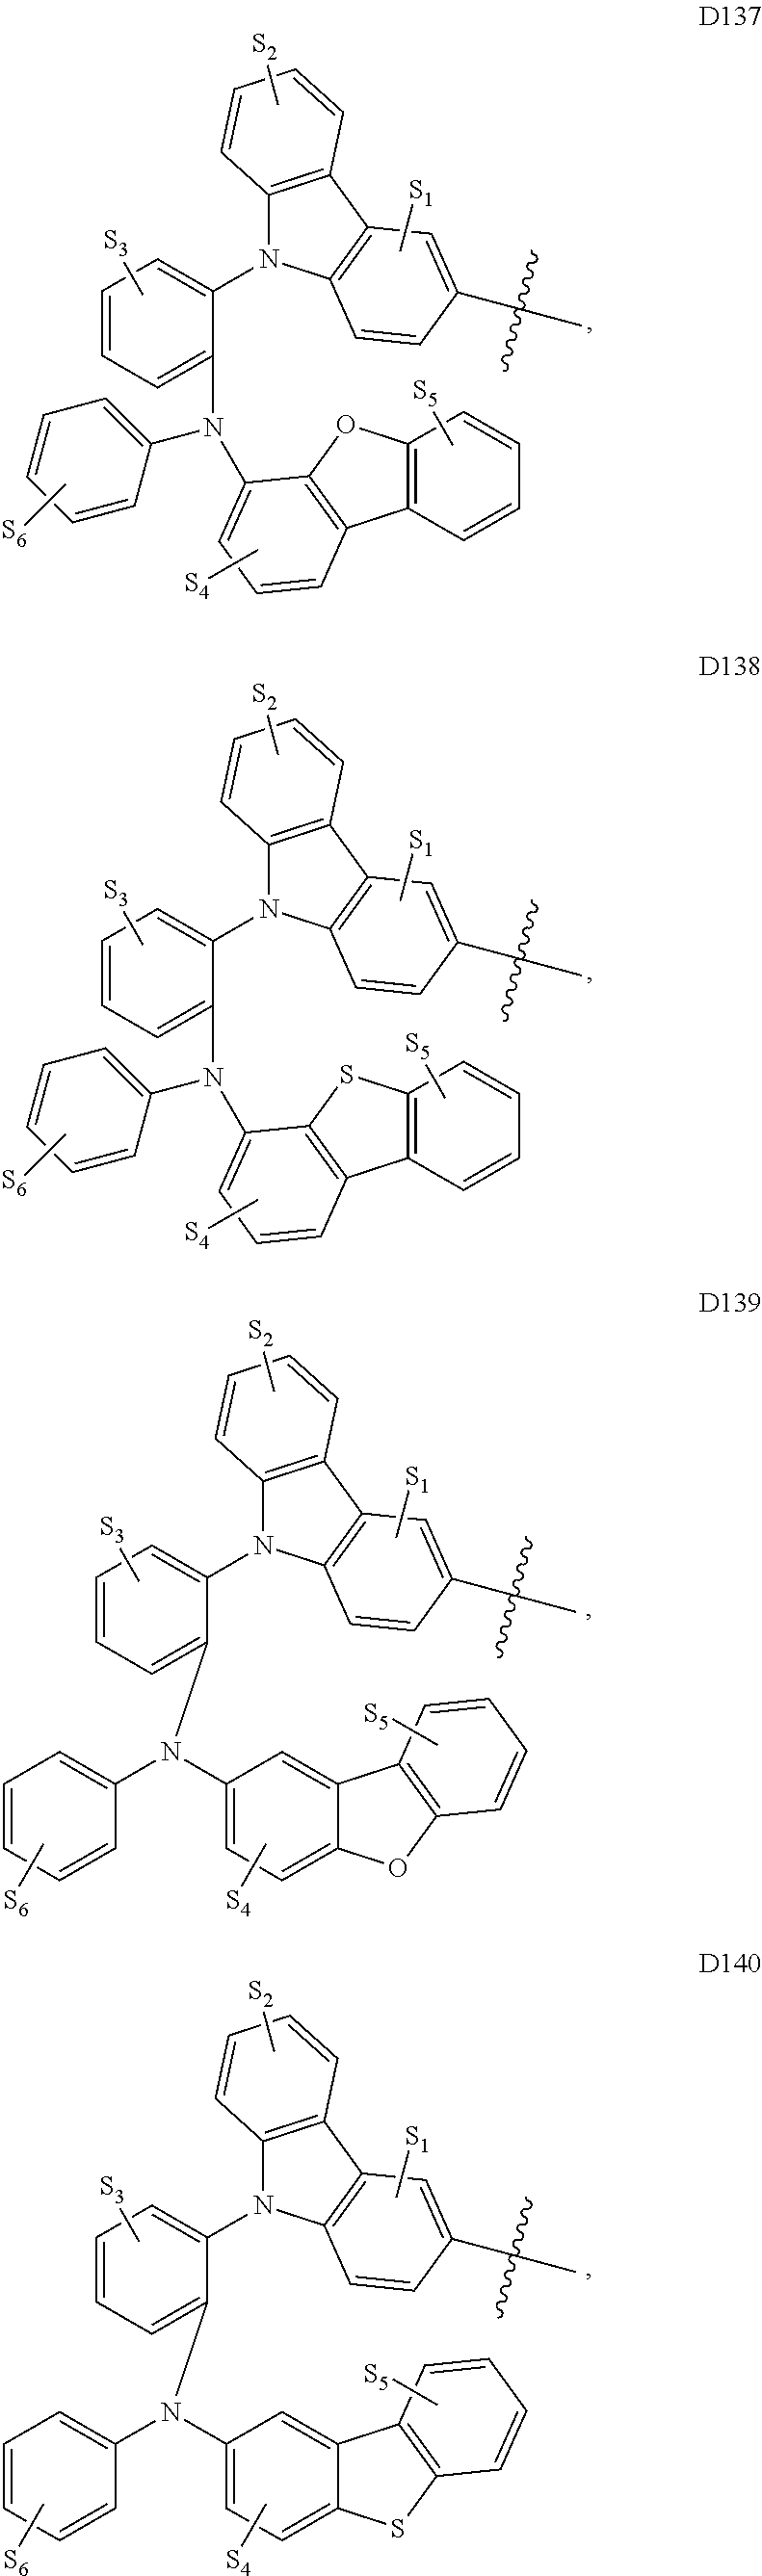 Figure US09324949-20160426-C00420